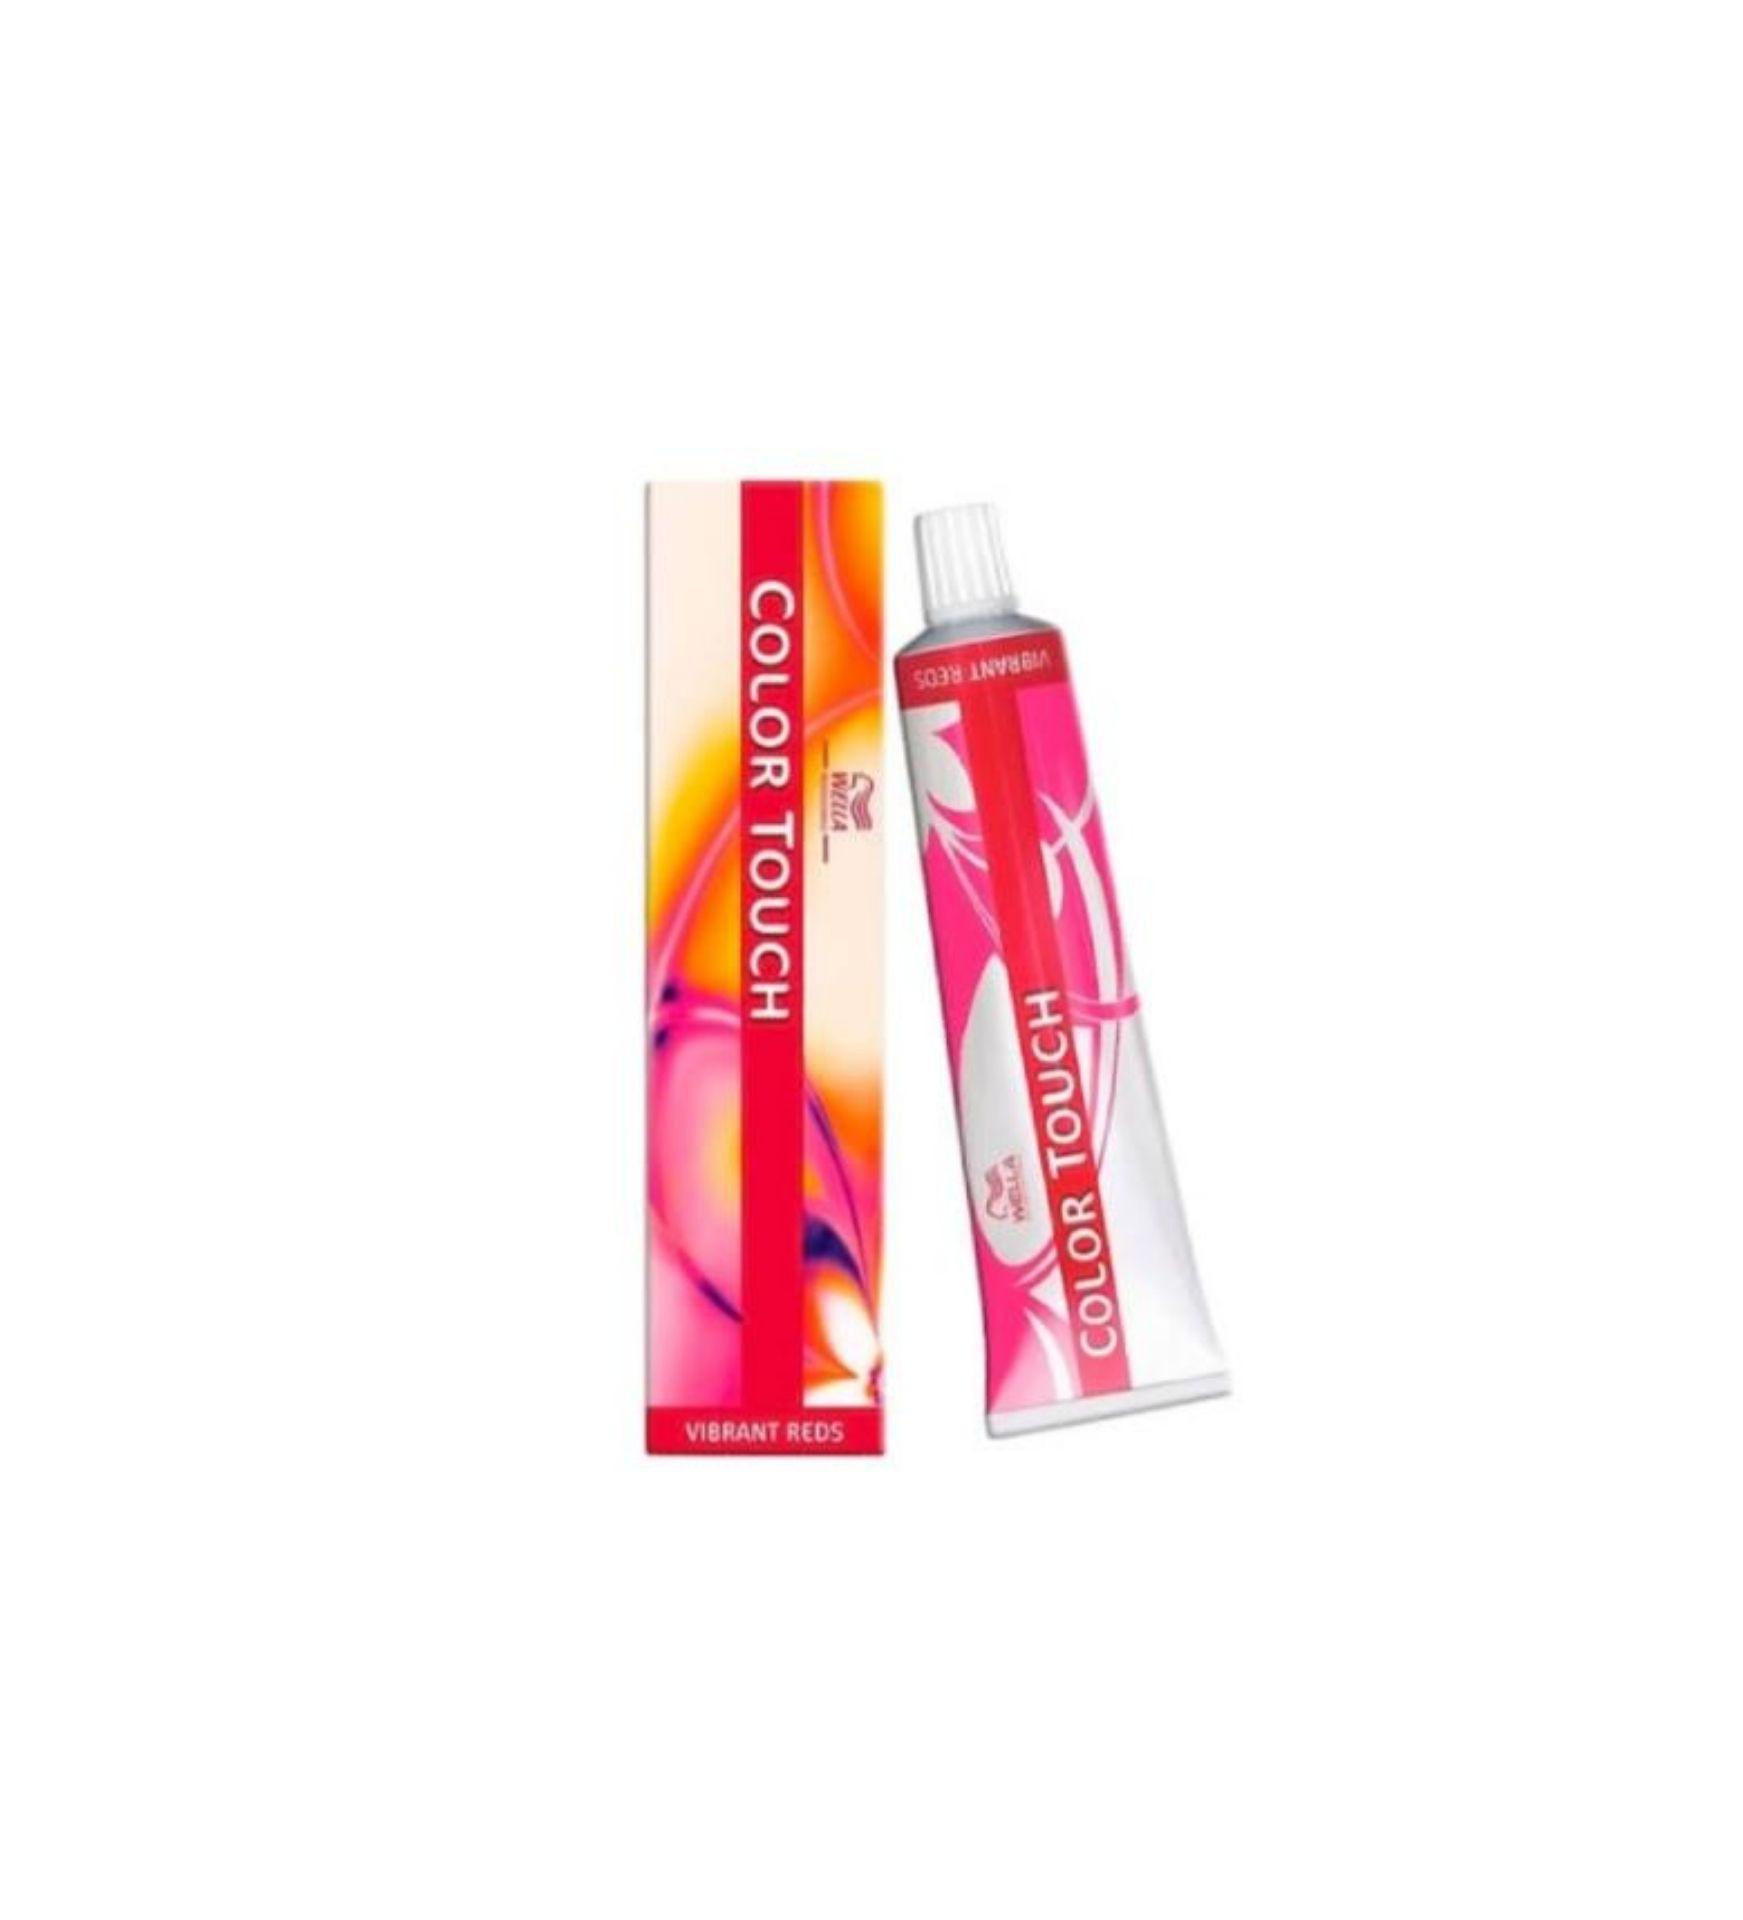 Tonalizante Wella Color Touch Vibrant Reds 66/45 Louro Escuro Intenso Vermelho Acaju 60g